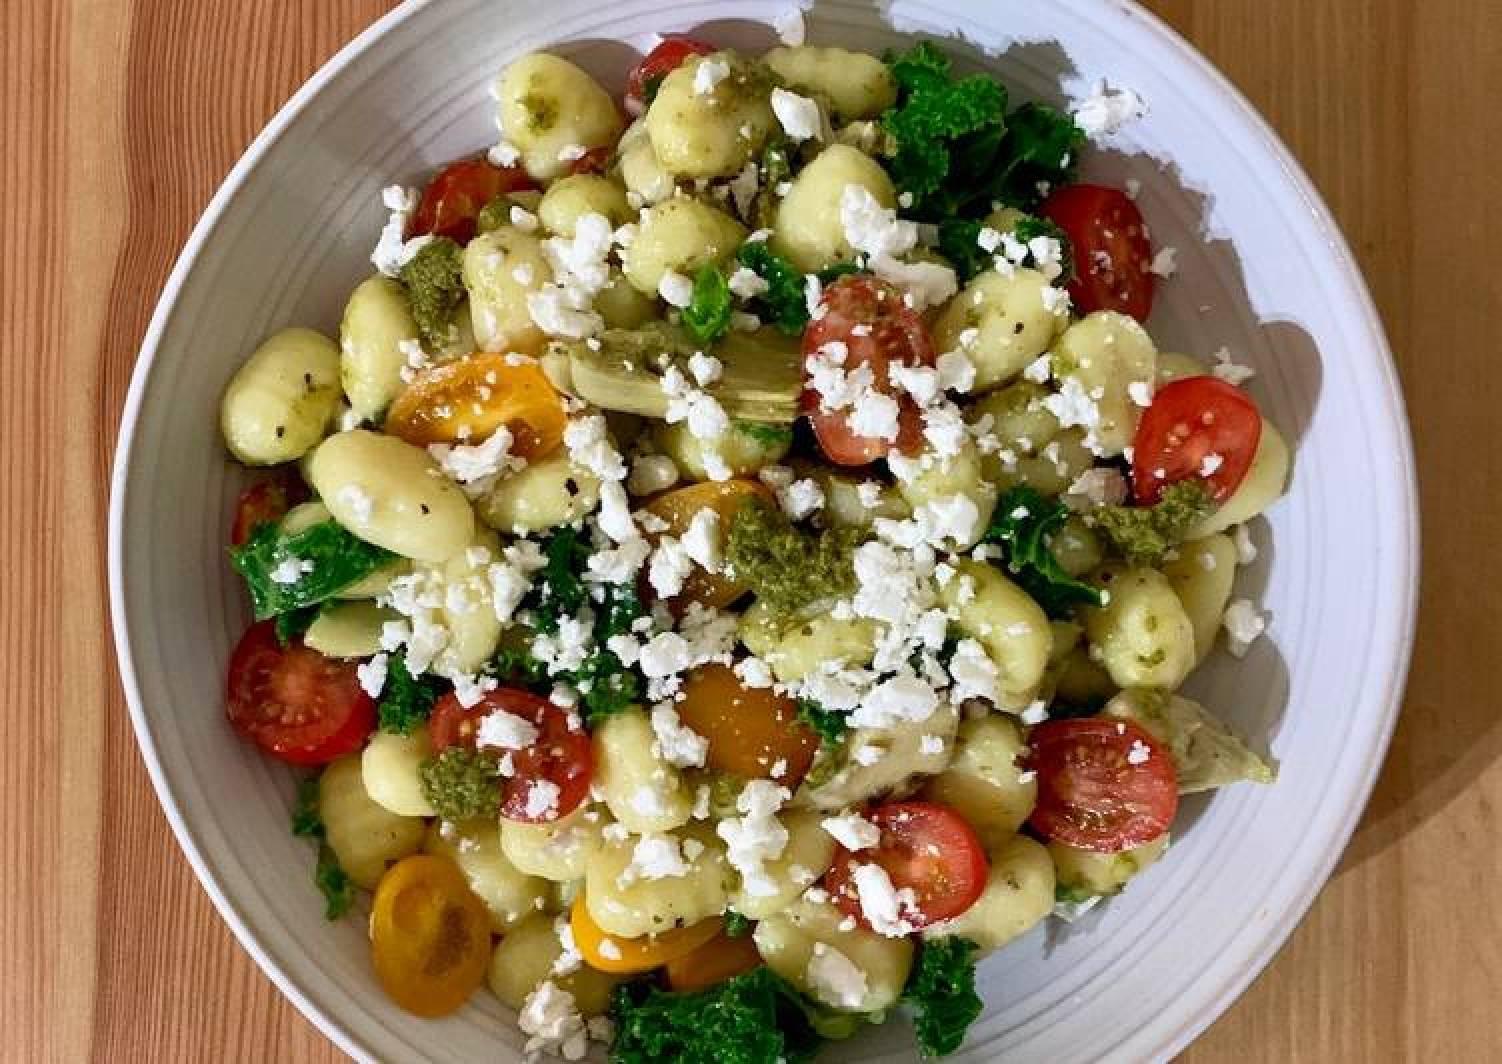 Gnocchi with pesto, artichoke, tomatoes and feta